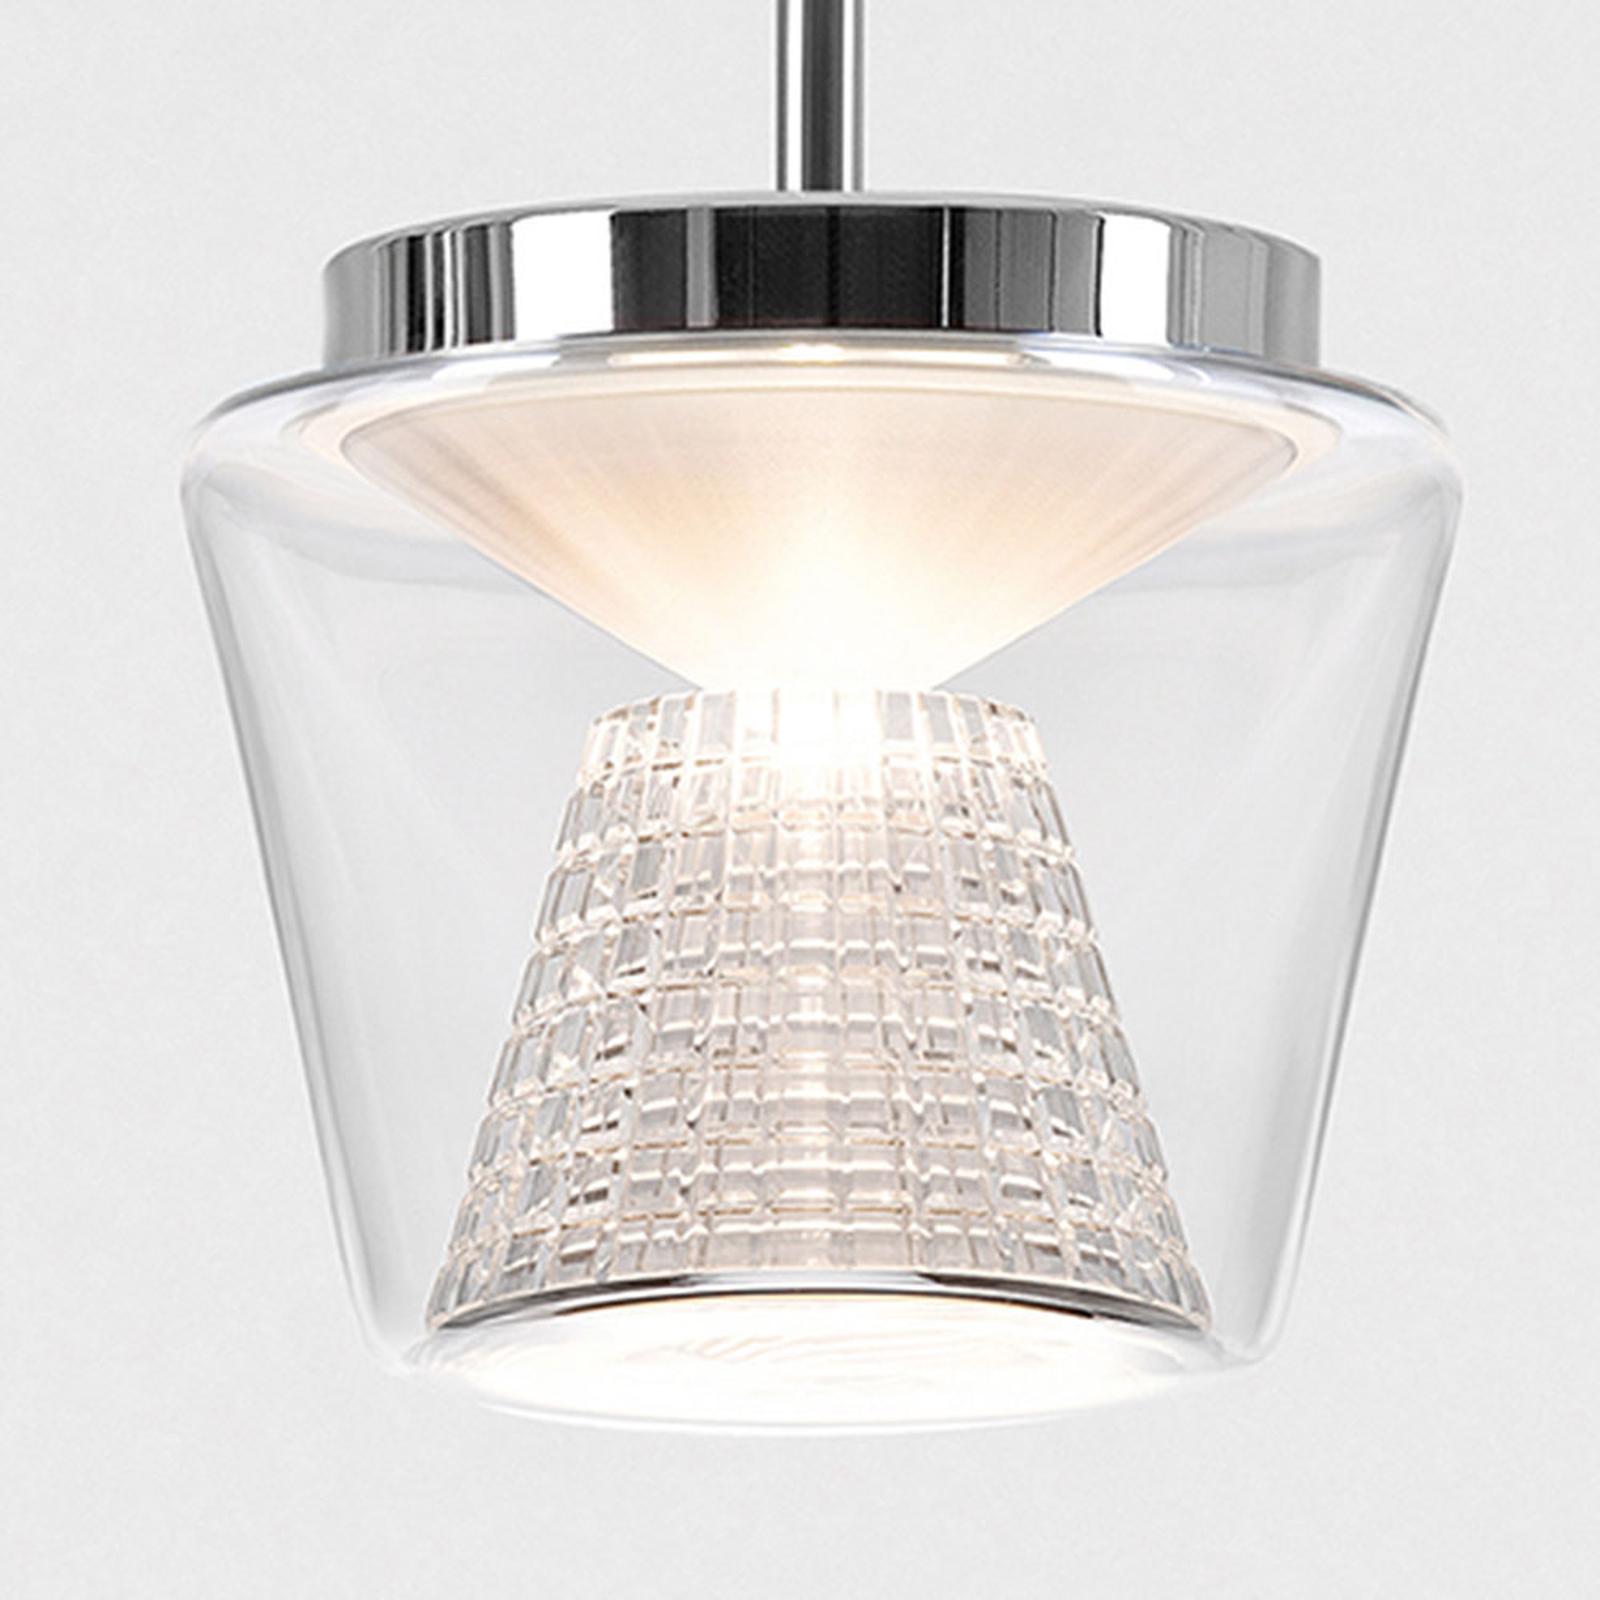 serien.lighting Annex M Pendel 13W 2.700K Kristall